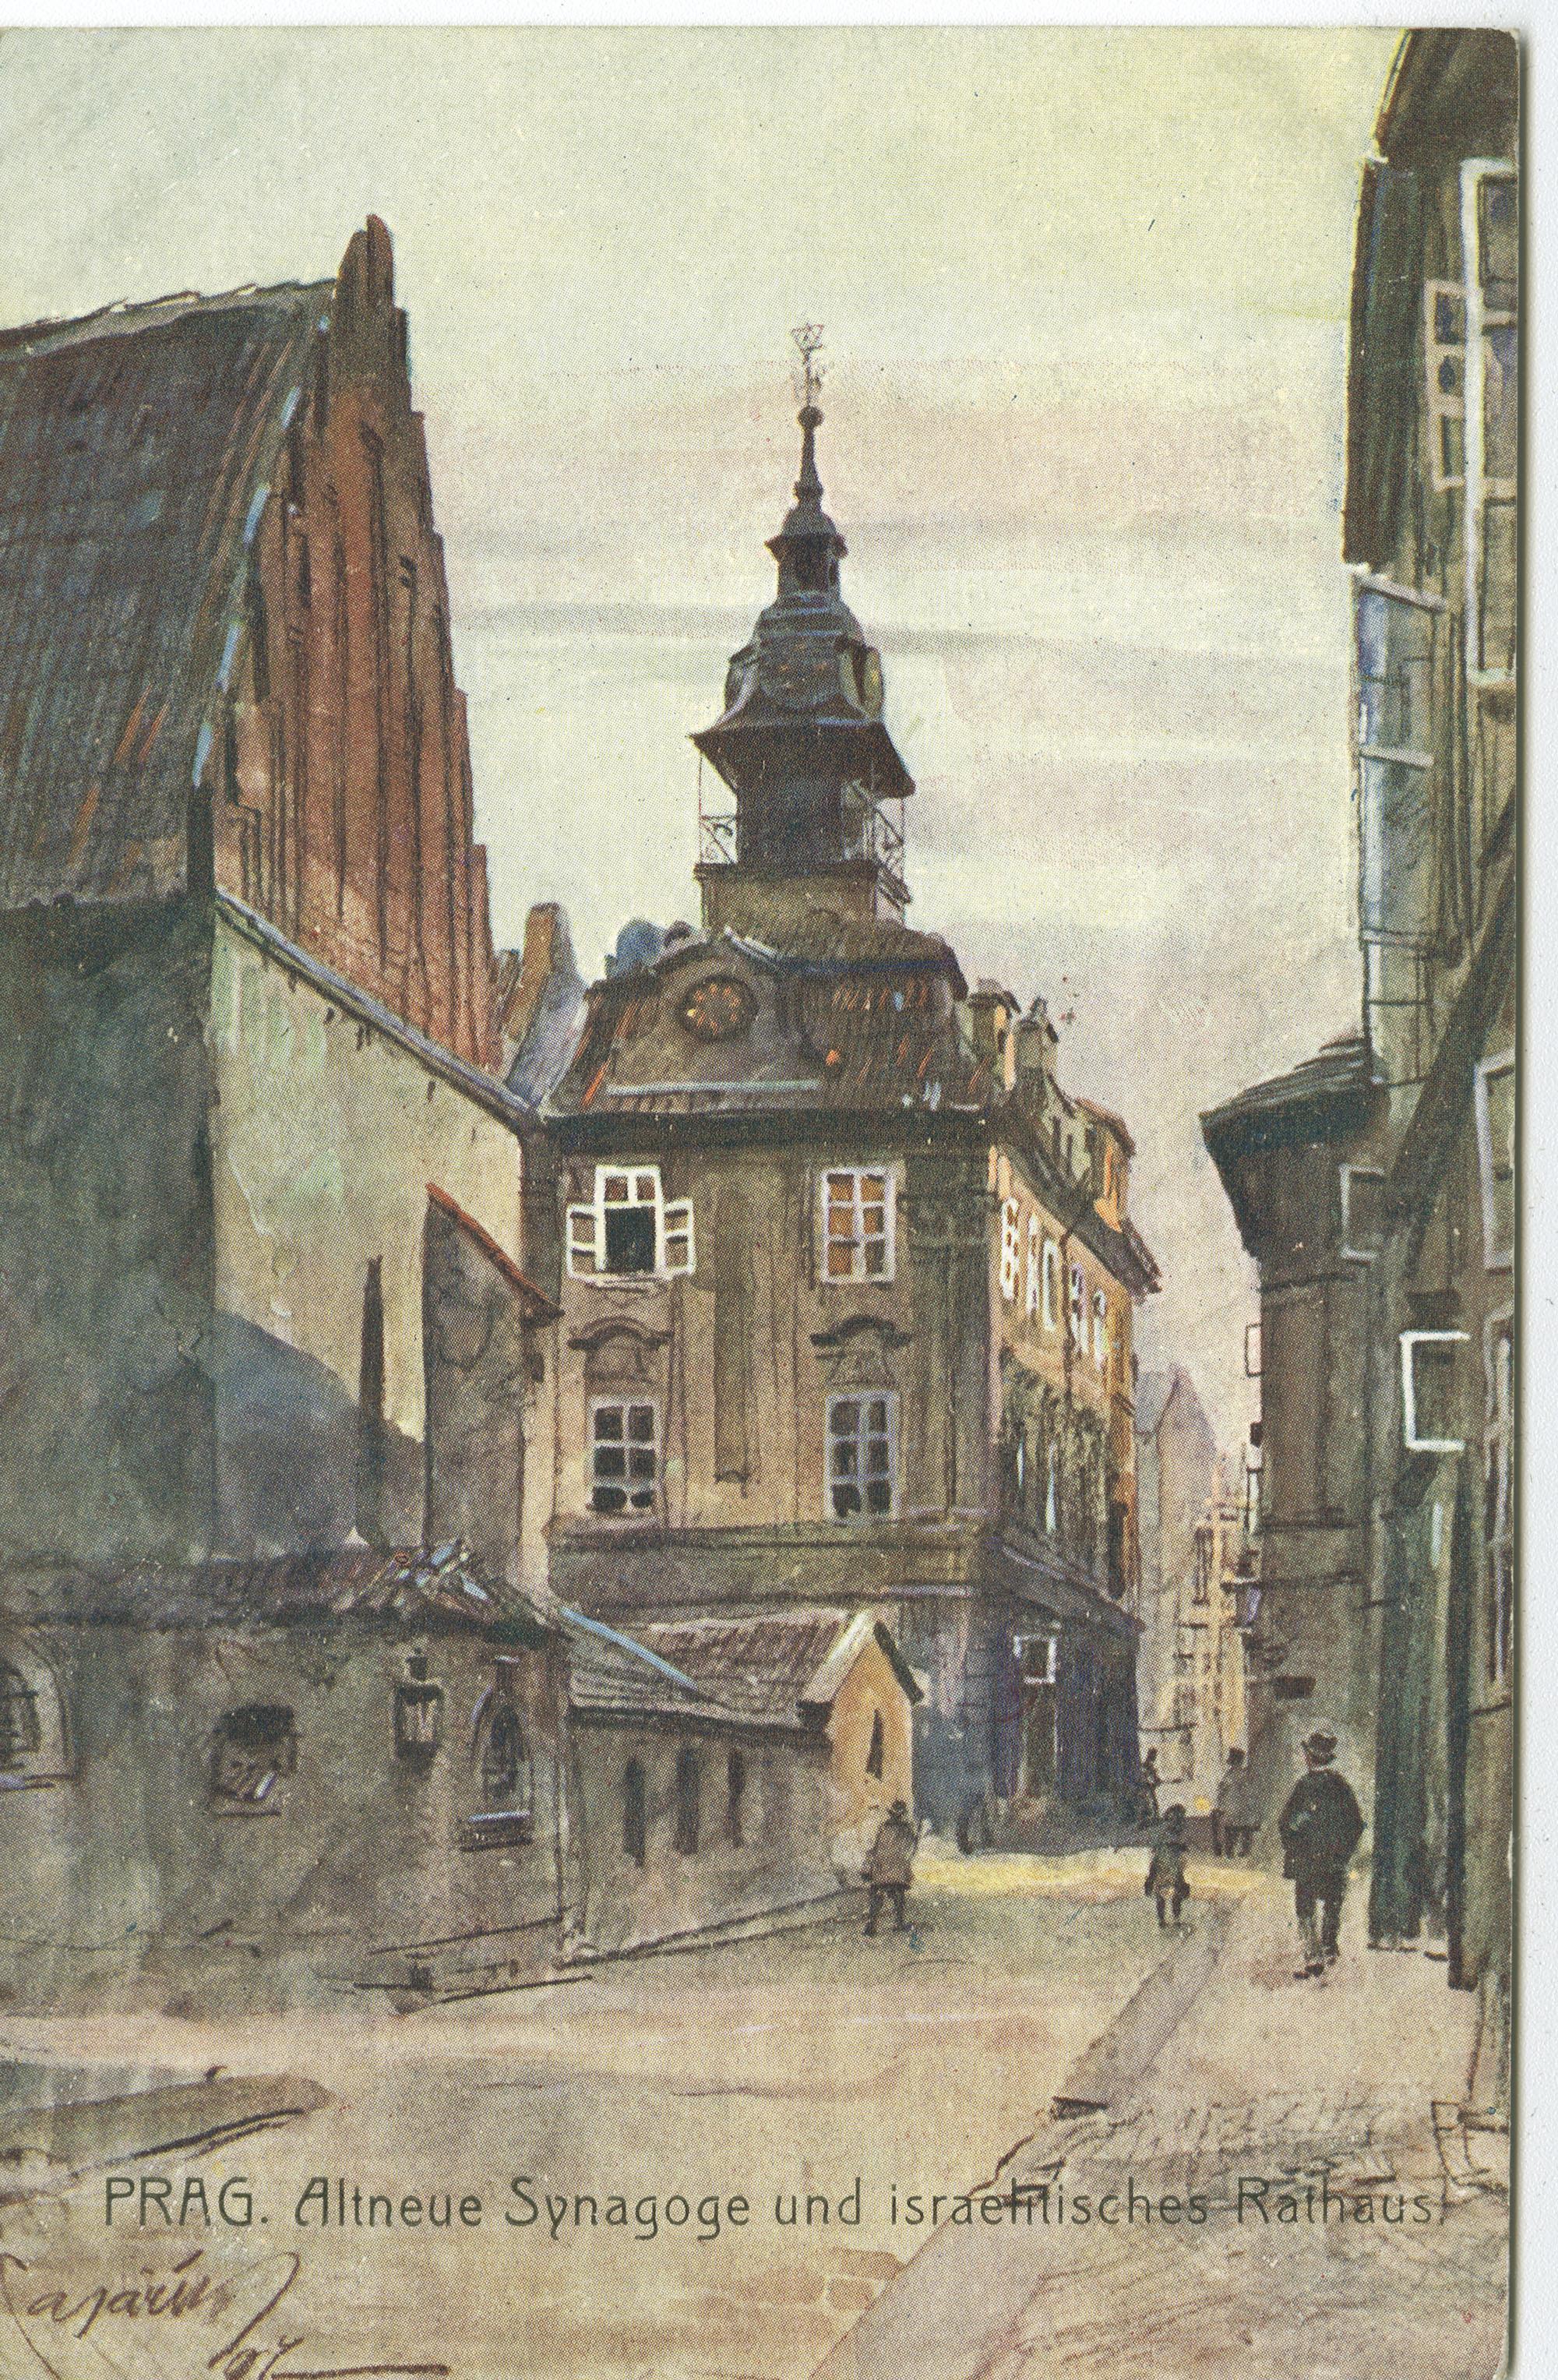 Prag. Altneue Synagoge und israelitisches Rathaus.